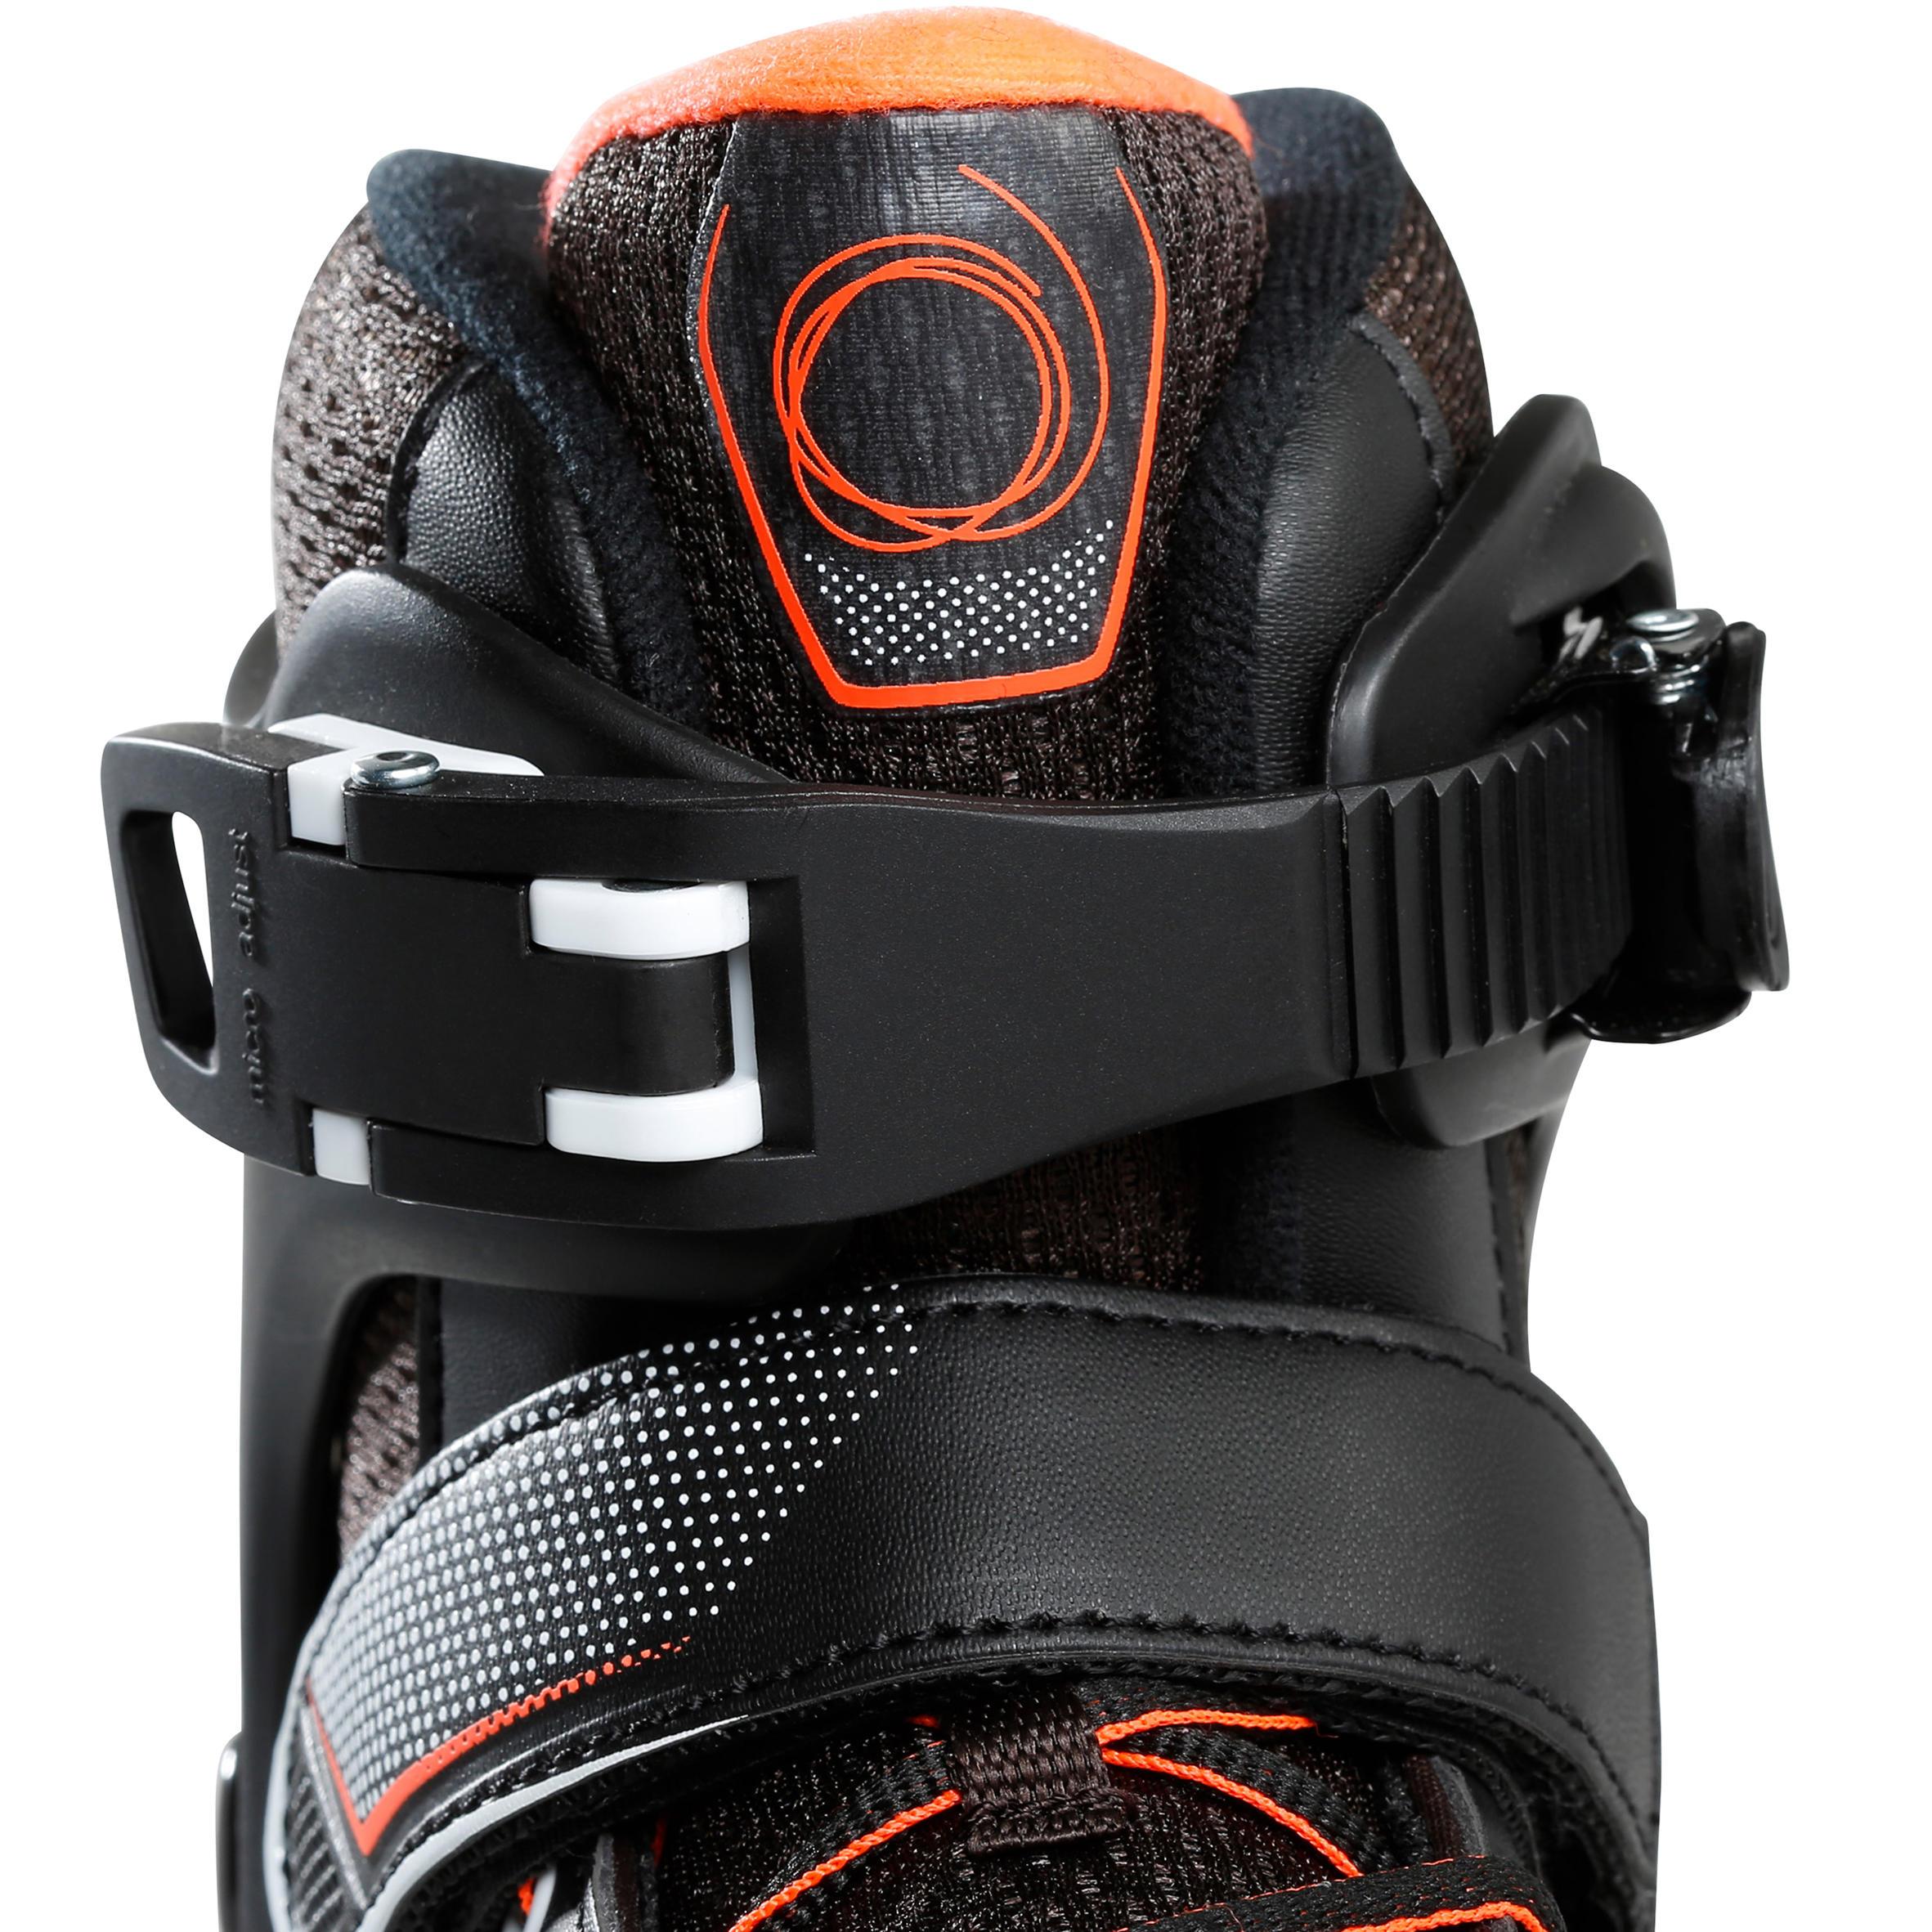 KIDS ROLLER SKATES FIT 3 JR BLACK/ORANGE